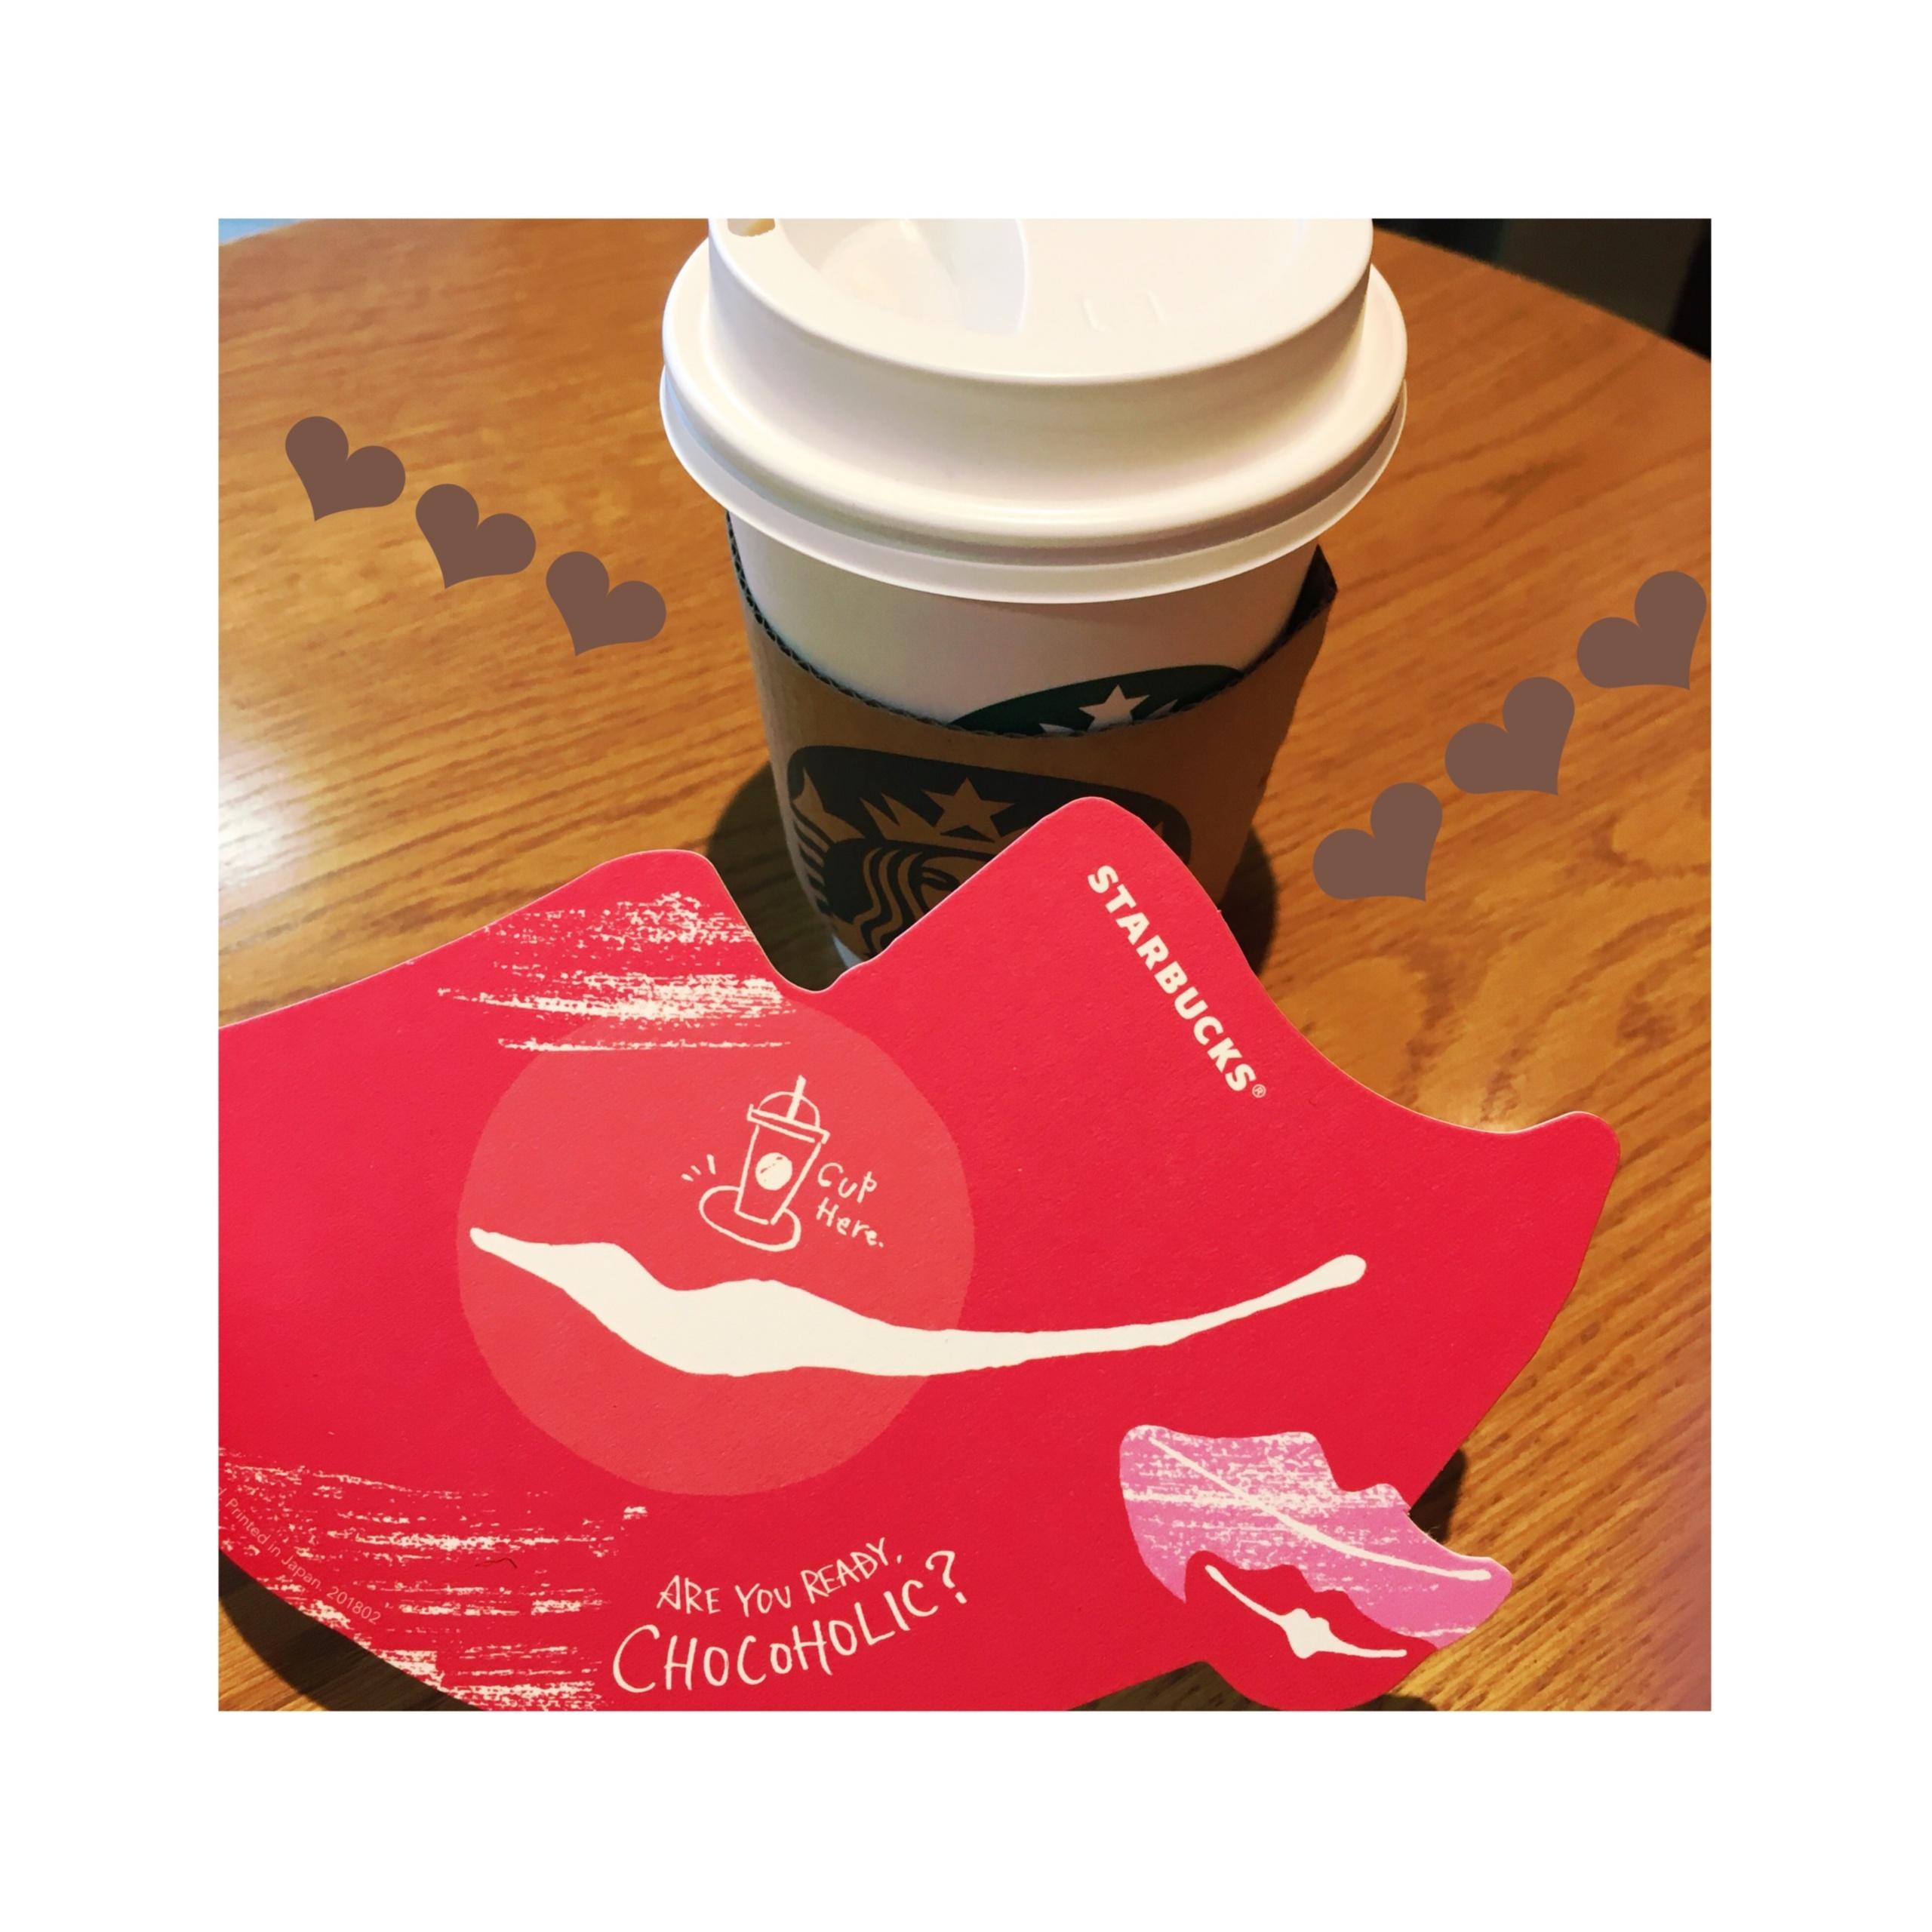 《今日2/14が飲み納めのラストチャンス★》【スタバ】でバレンタイン限定ドリンクを頼むともらえちゃうコースターが可愛すぎるっ❤️_2